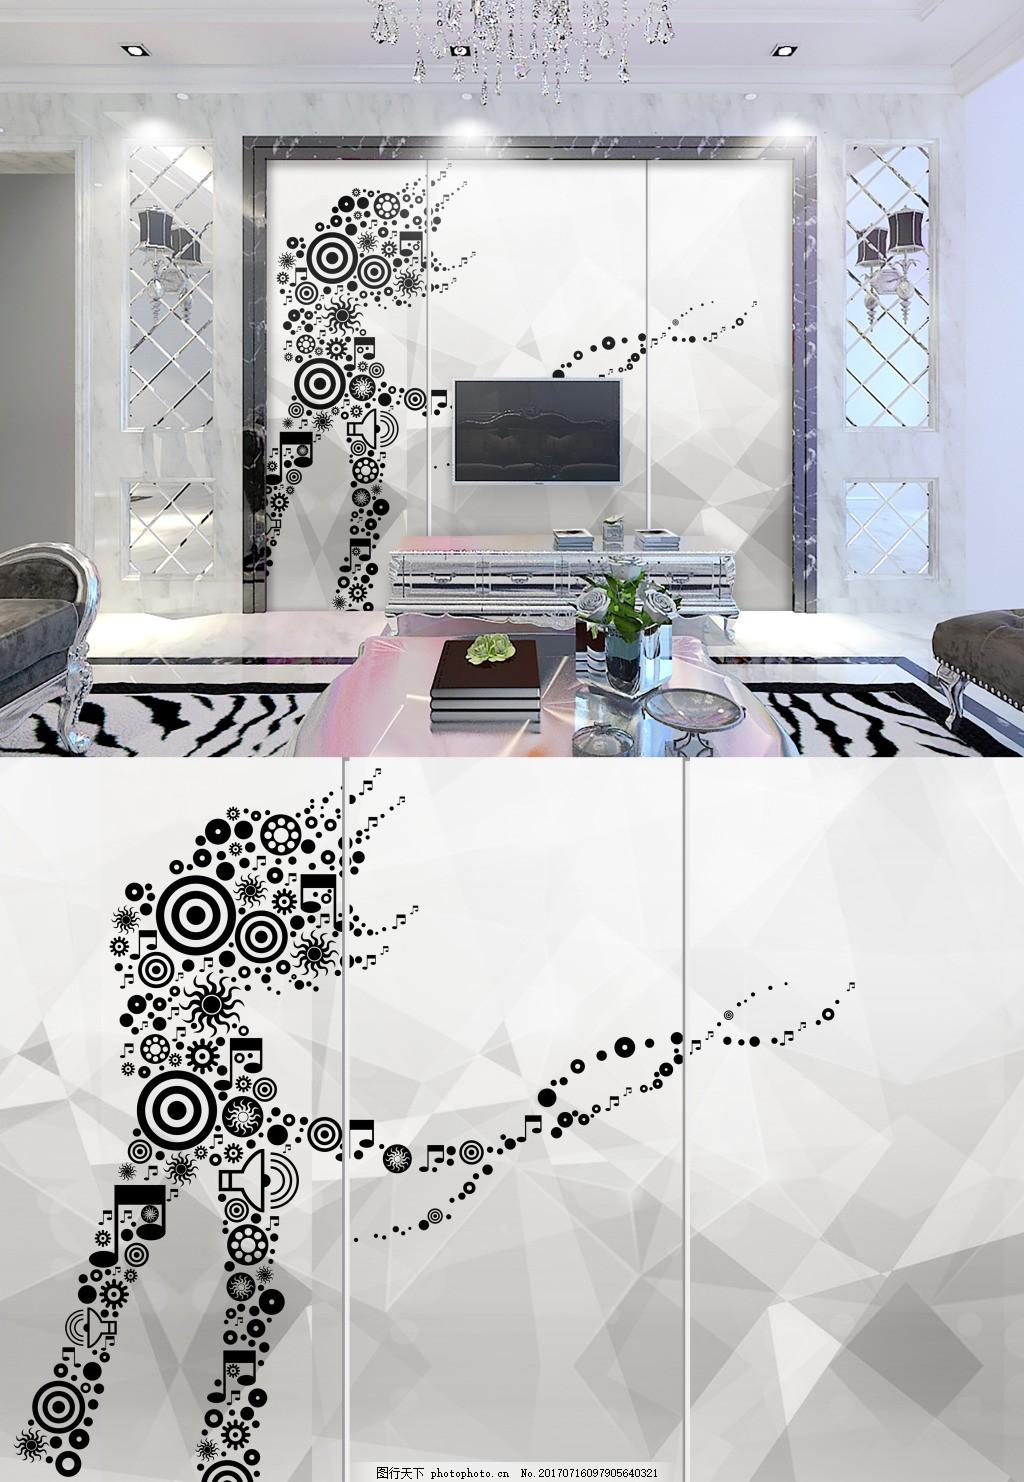 现代简约黑白几何图案女人背景墙 典雅 简洁 墙壁画 壁纸 电视背景墙